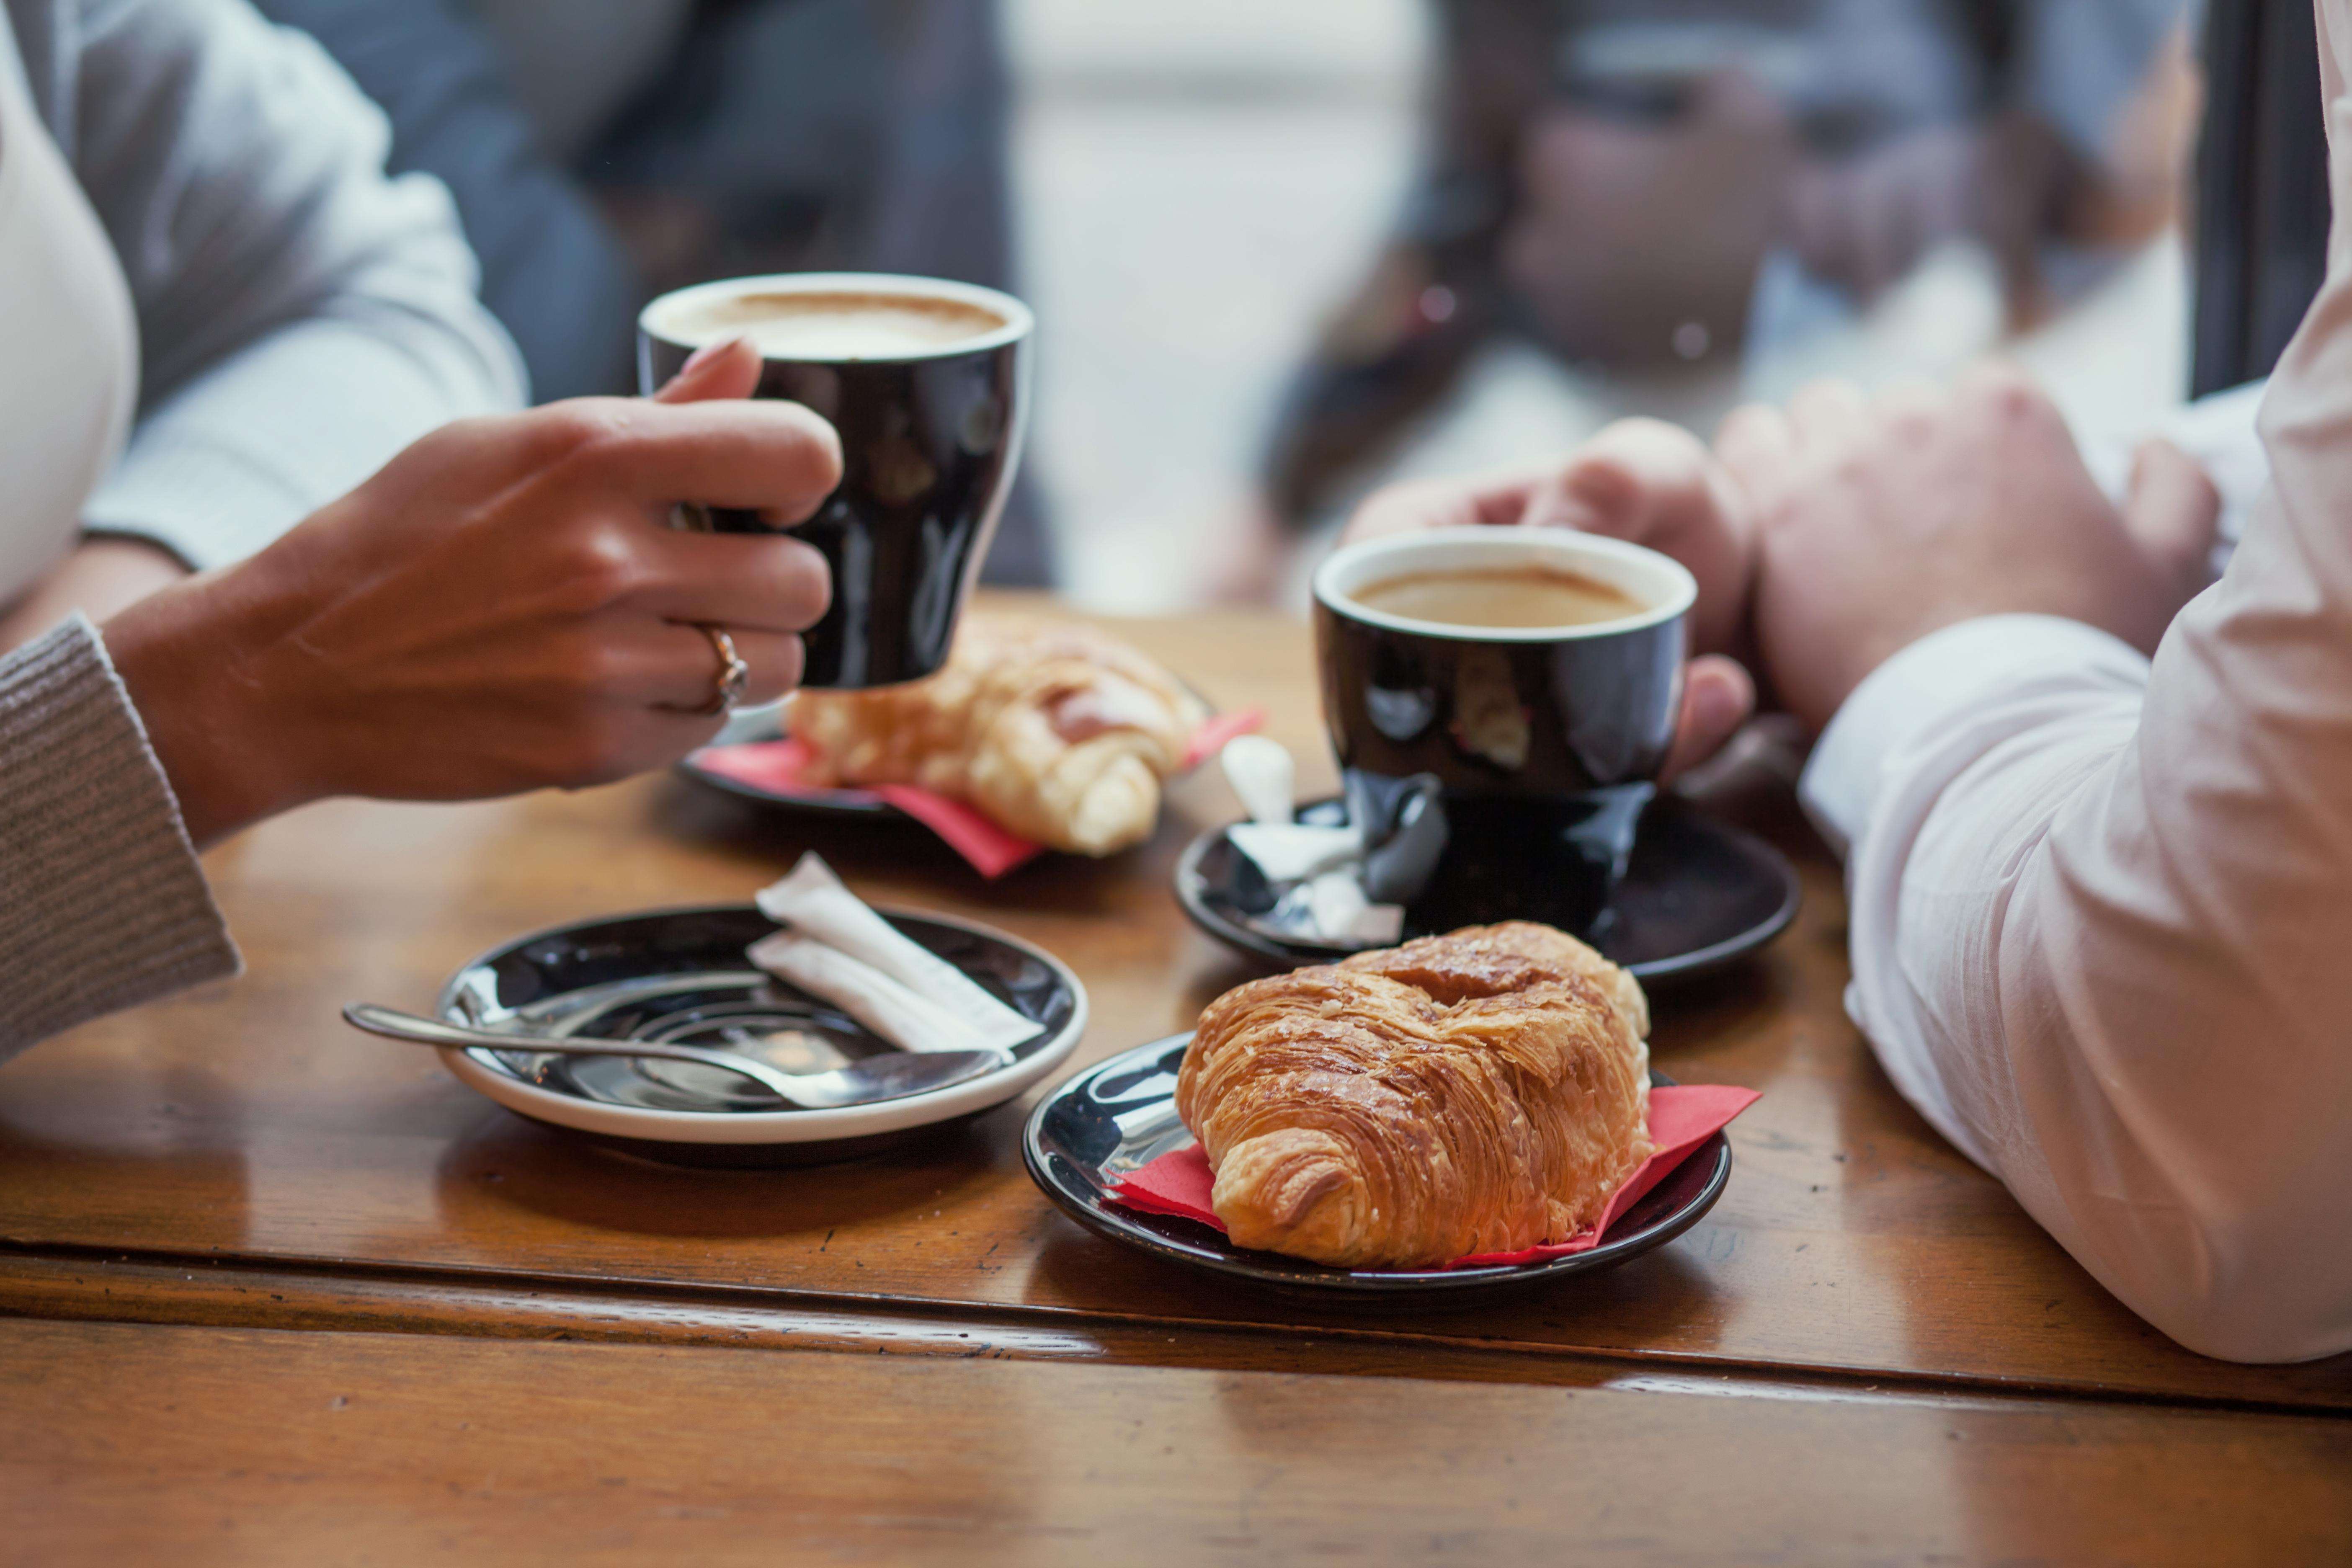 קפה עם היסטוריה